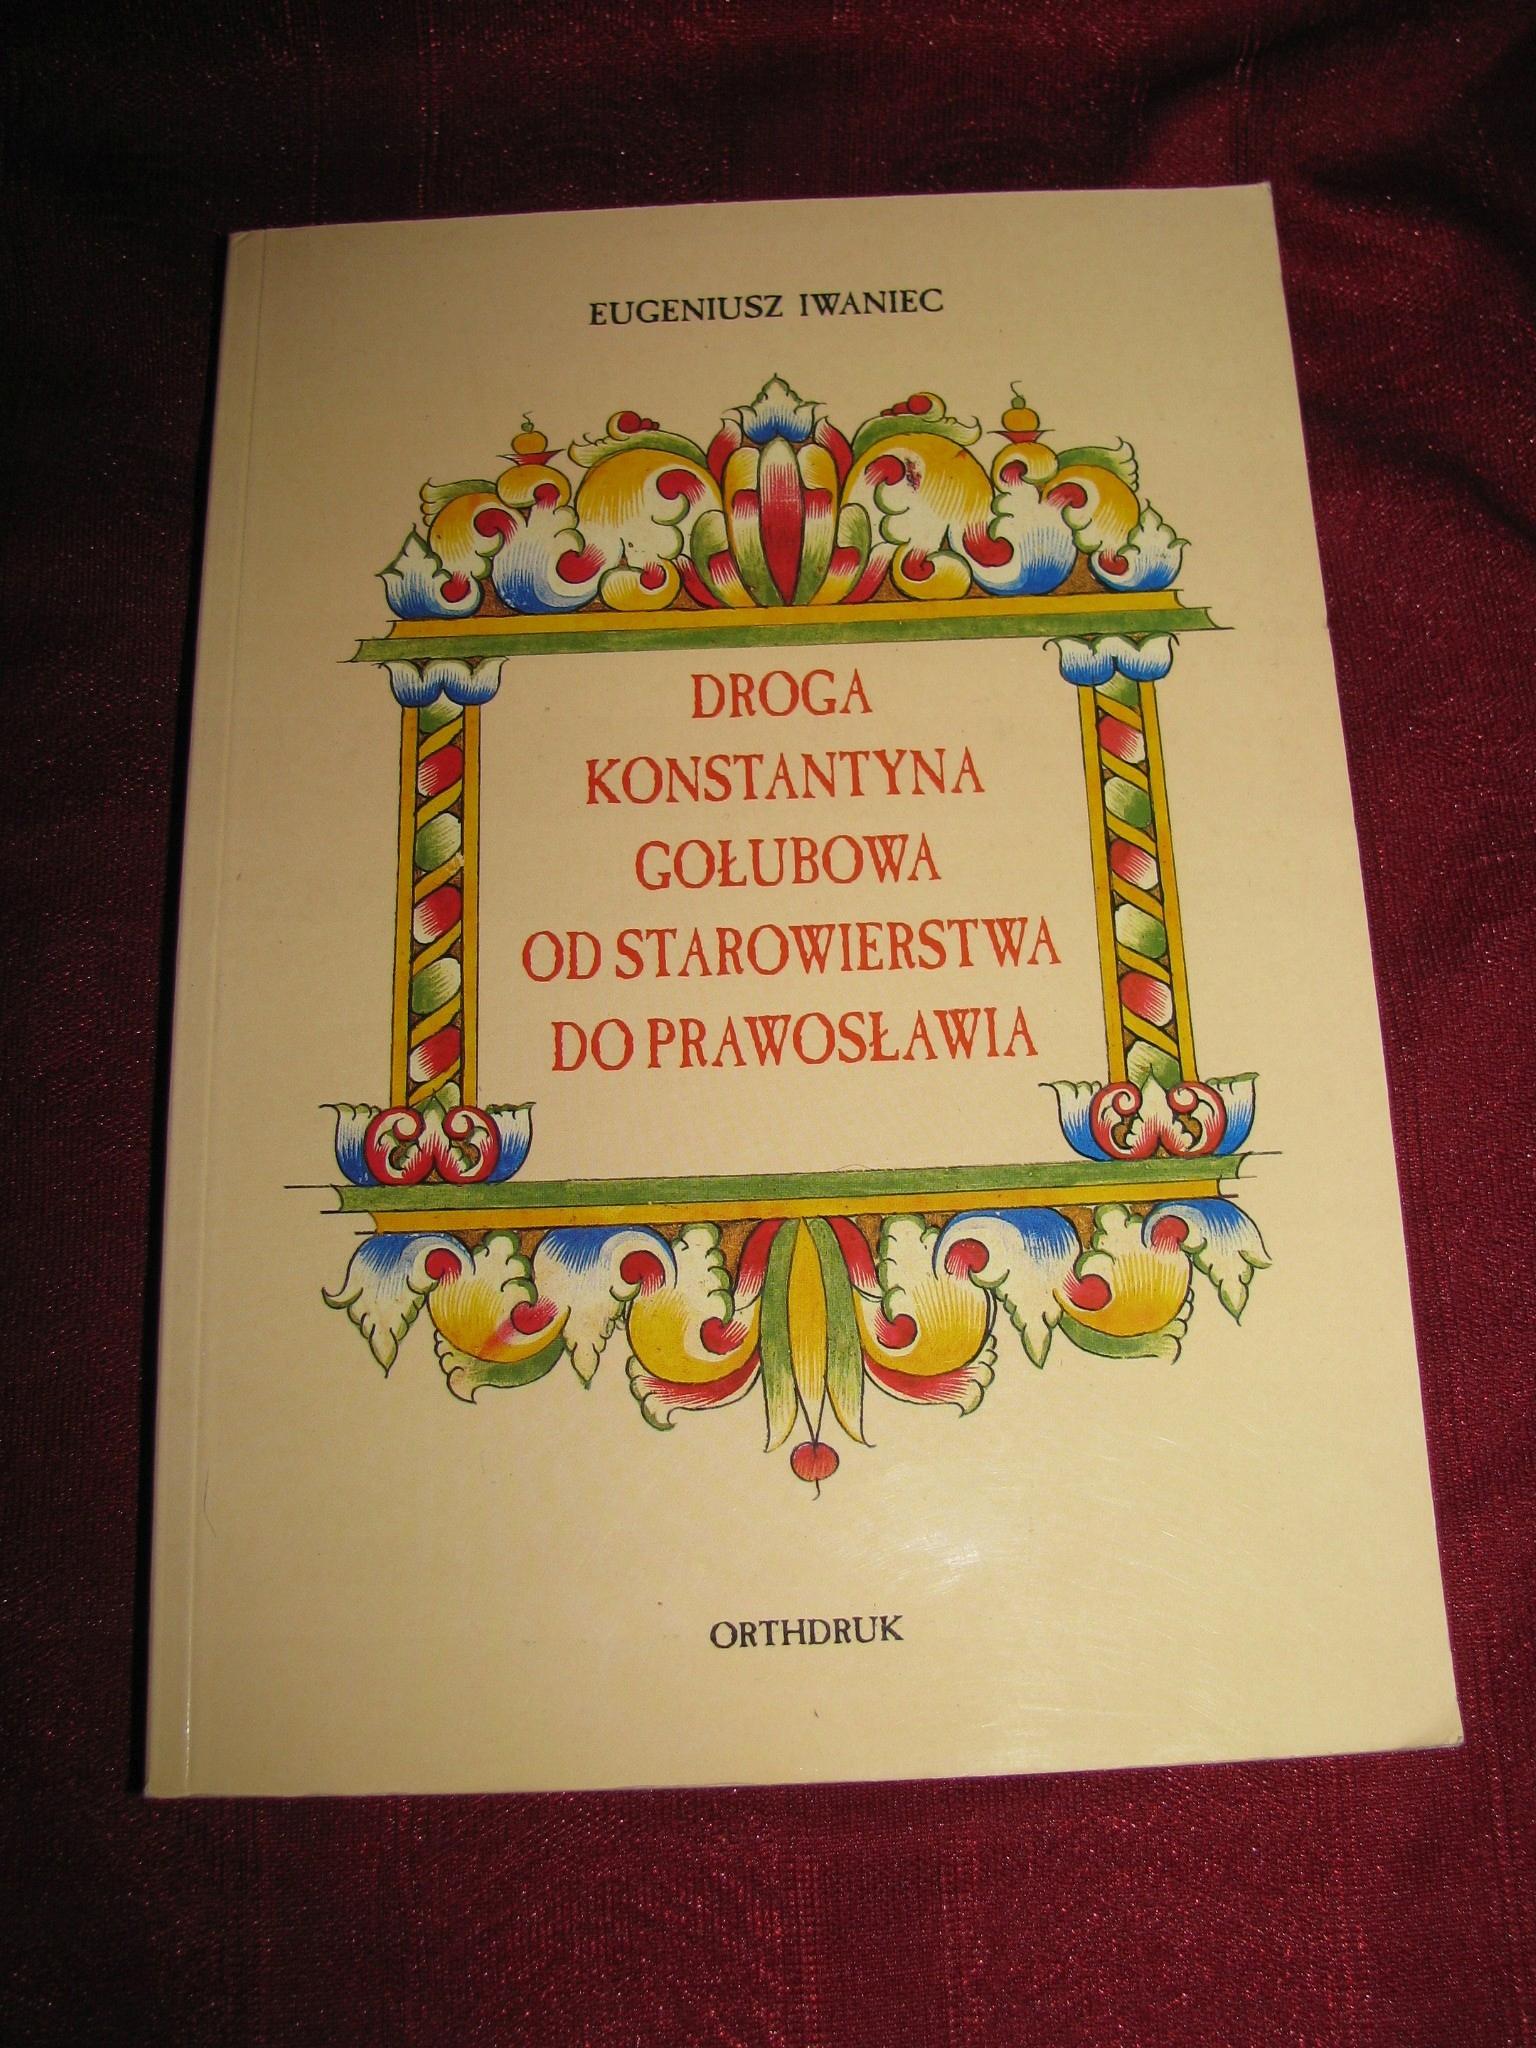 Droga Gołubowa od starowierstwa do prawosławia